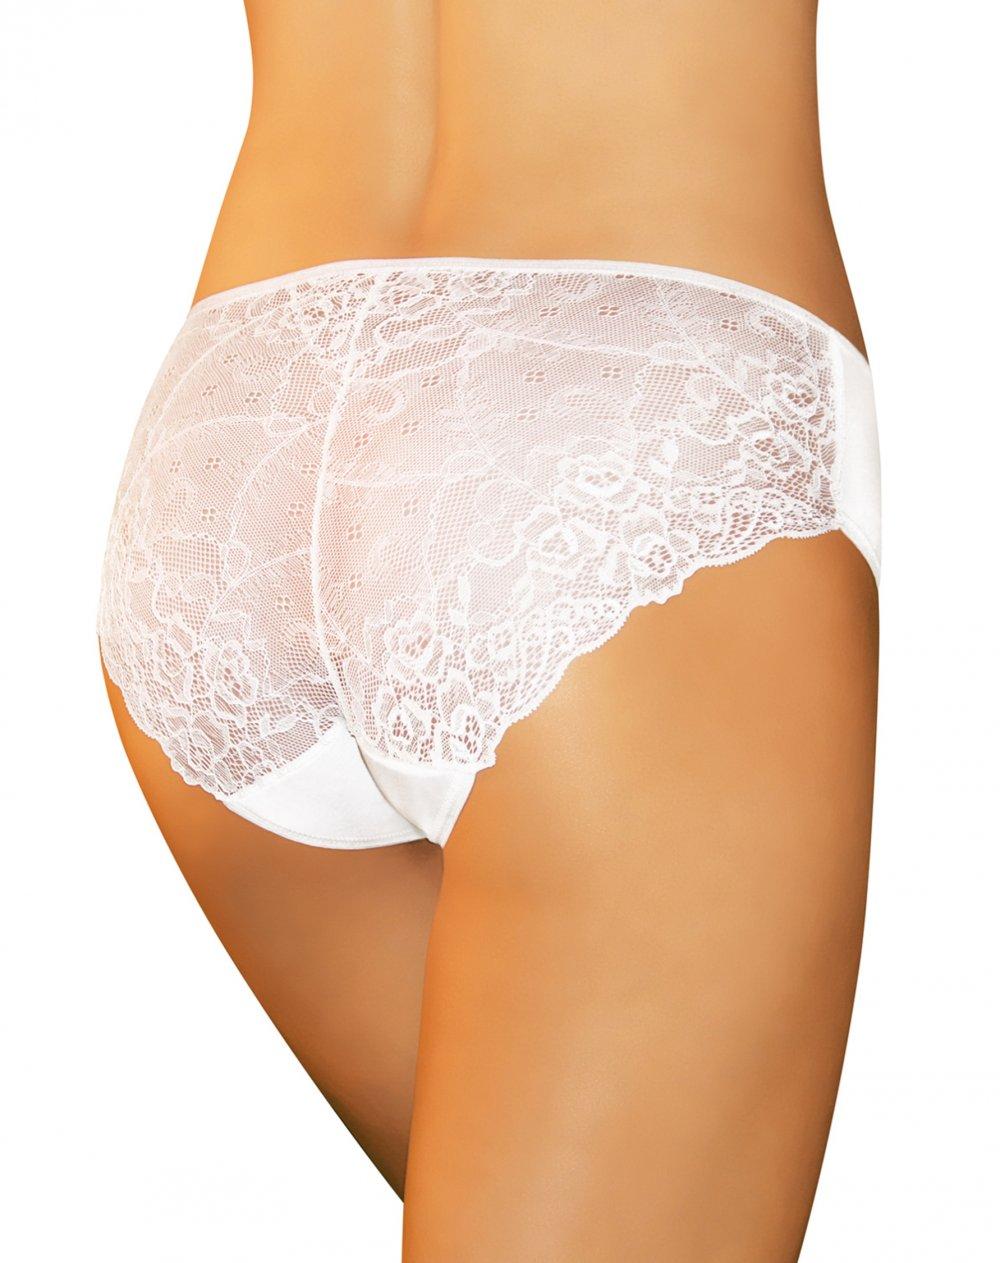 Dámské kalhotky Kloe white